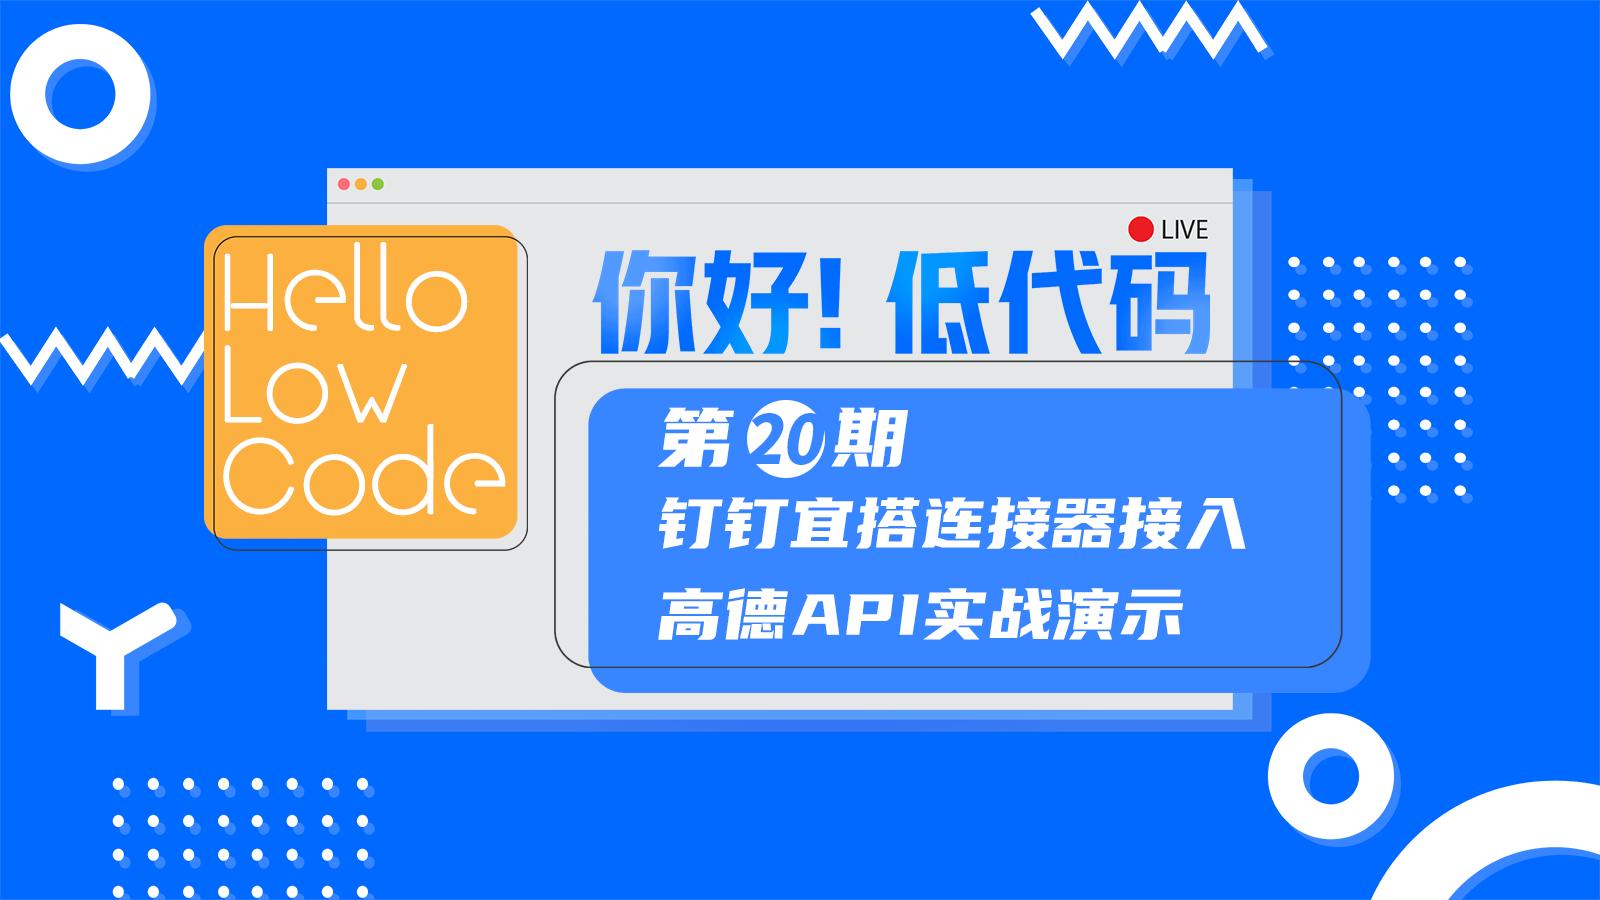 明晚直播:钉钉宜搭连接器接入高德API实战演示